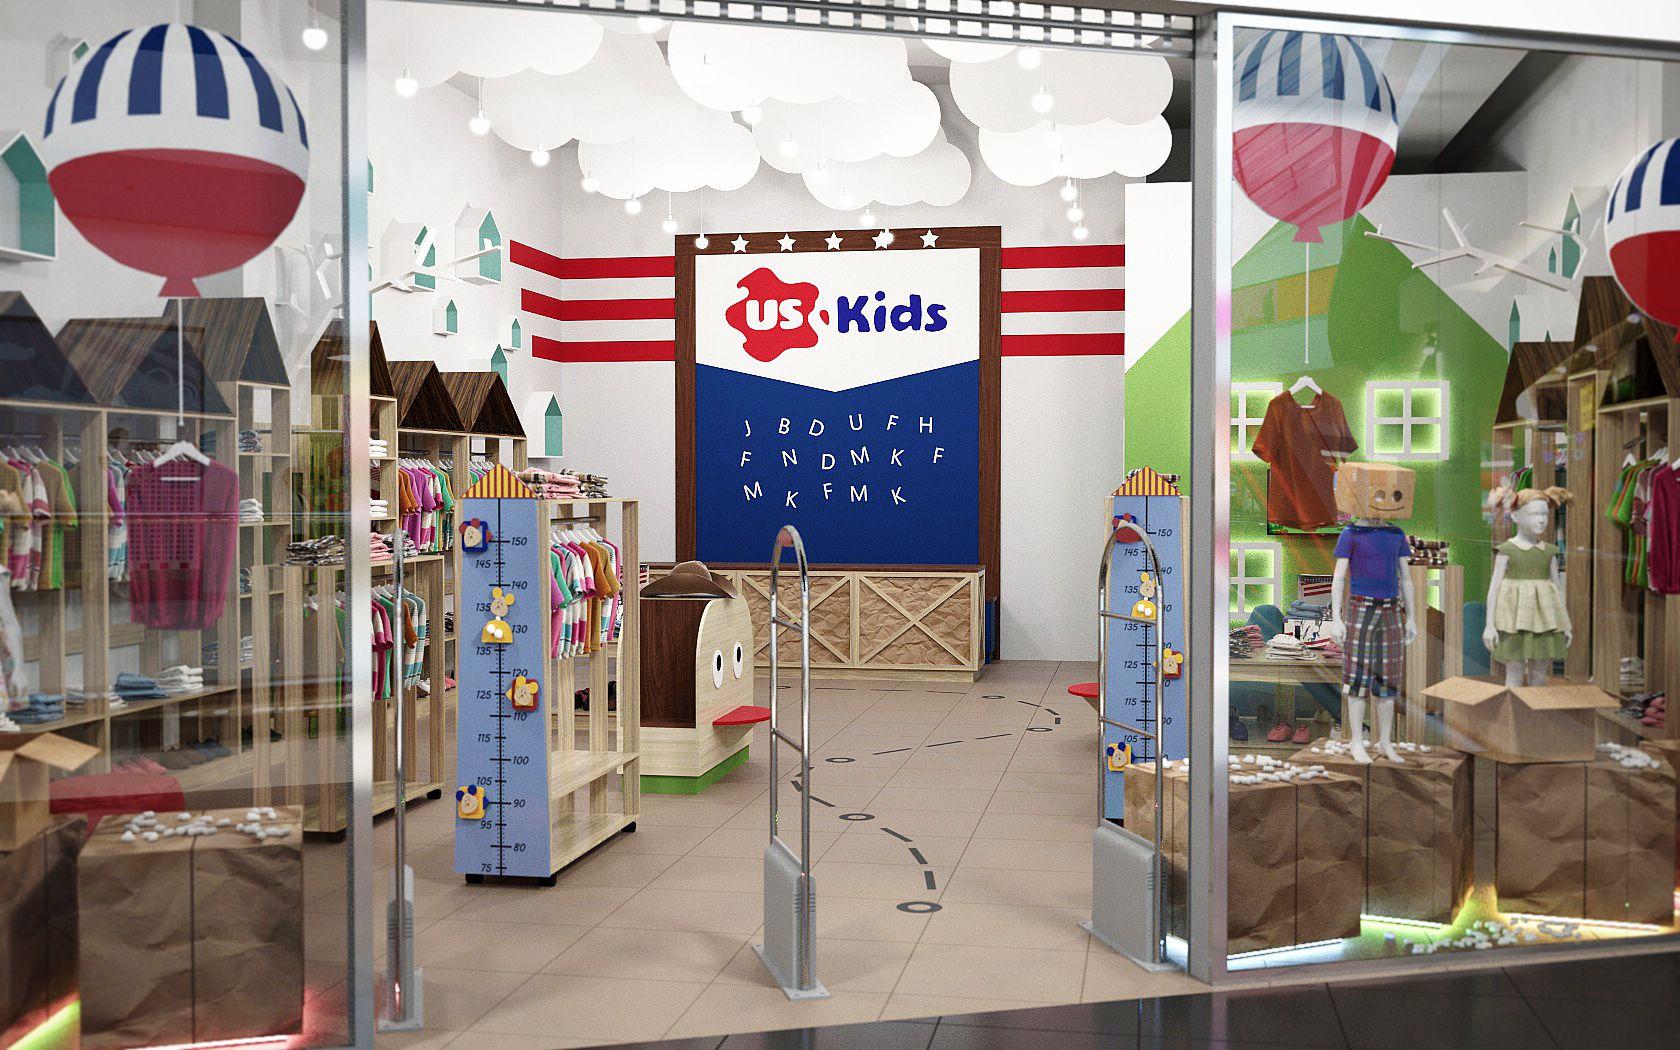 5618367e0604 2 апреля в ТРК «Проспект» открылся мультибрендовый магазин детской одежды  USKids, площадь которого составляет 96 кв. м